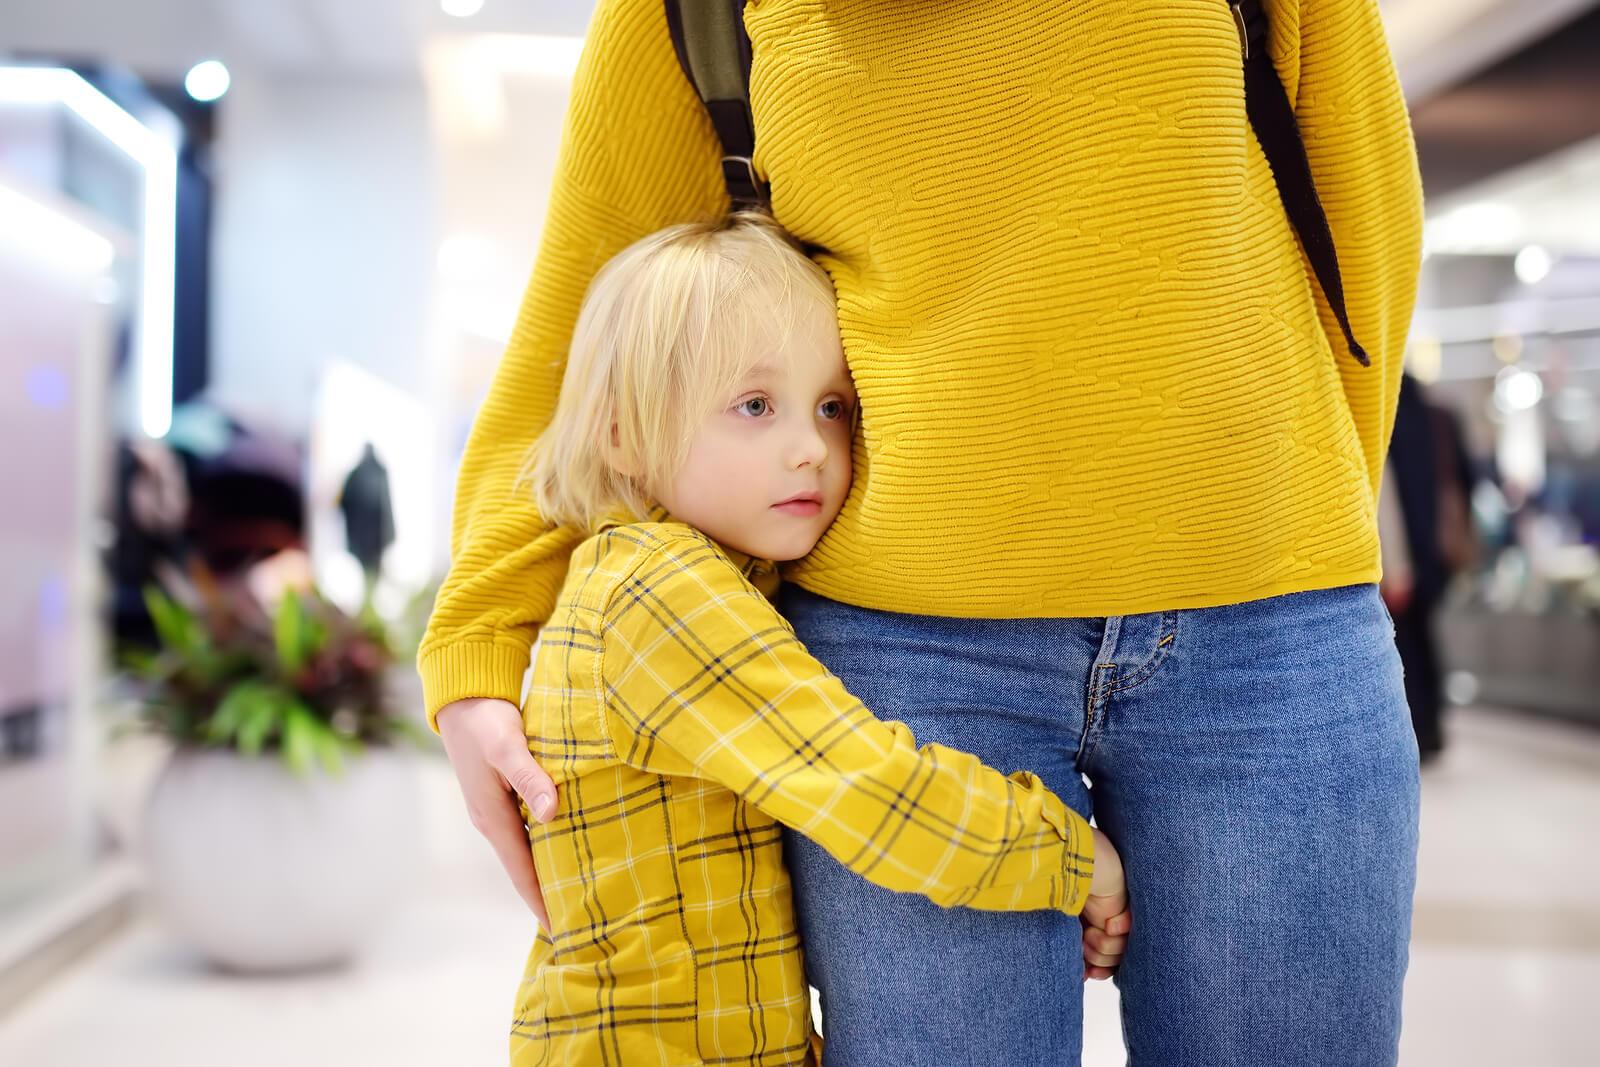 Niño abrazado a la pierna de su madre.